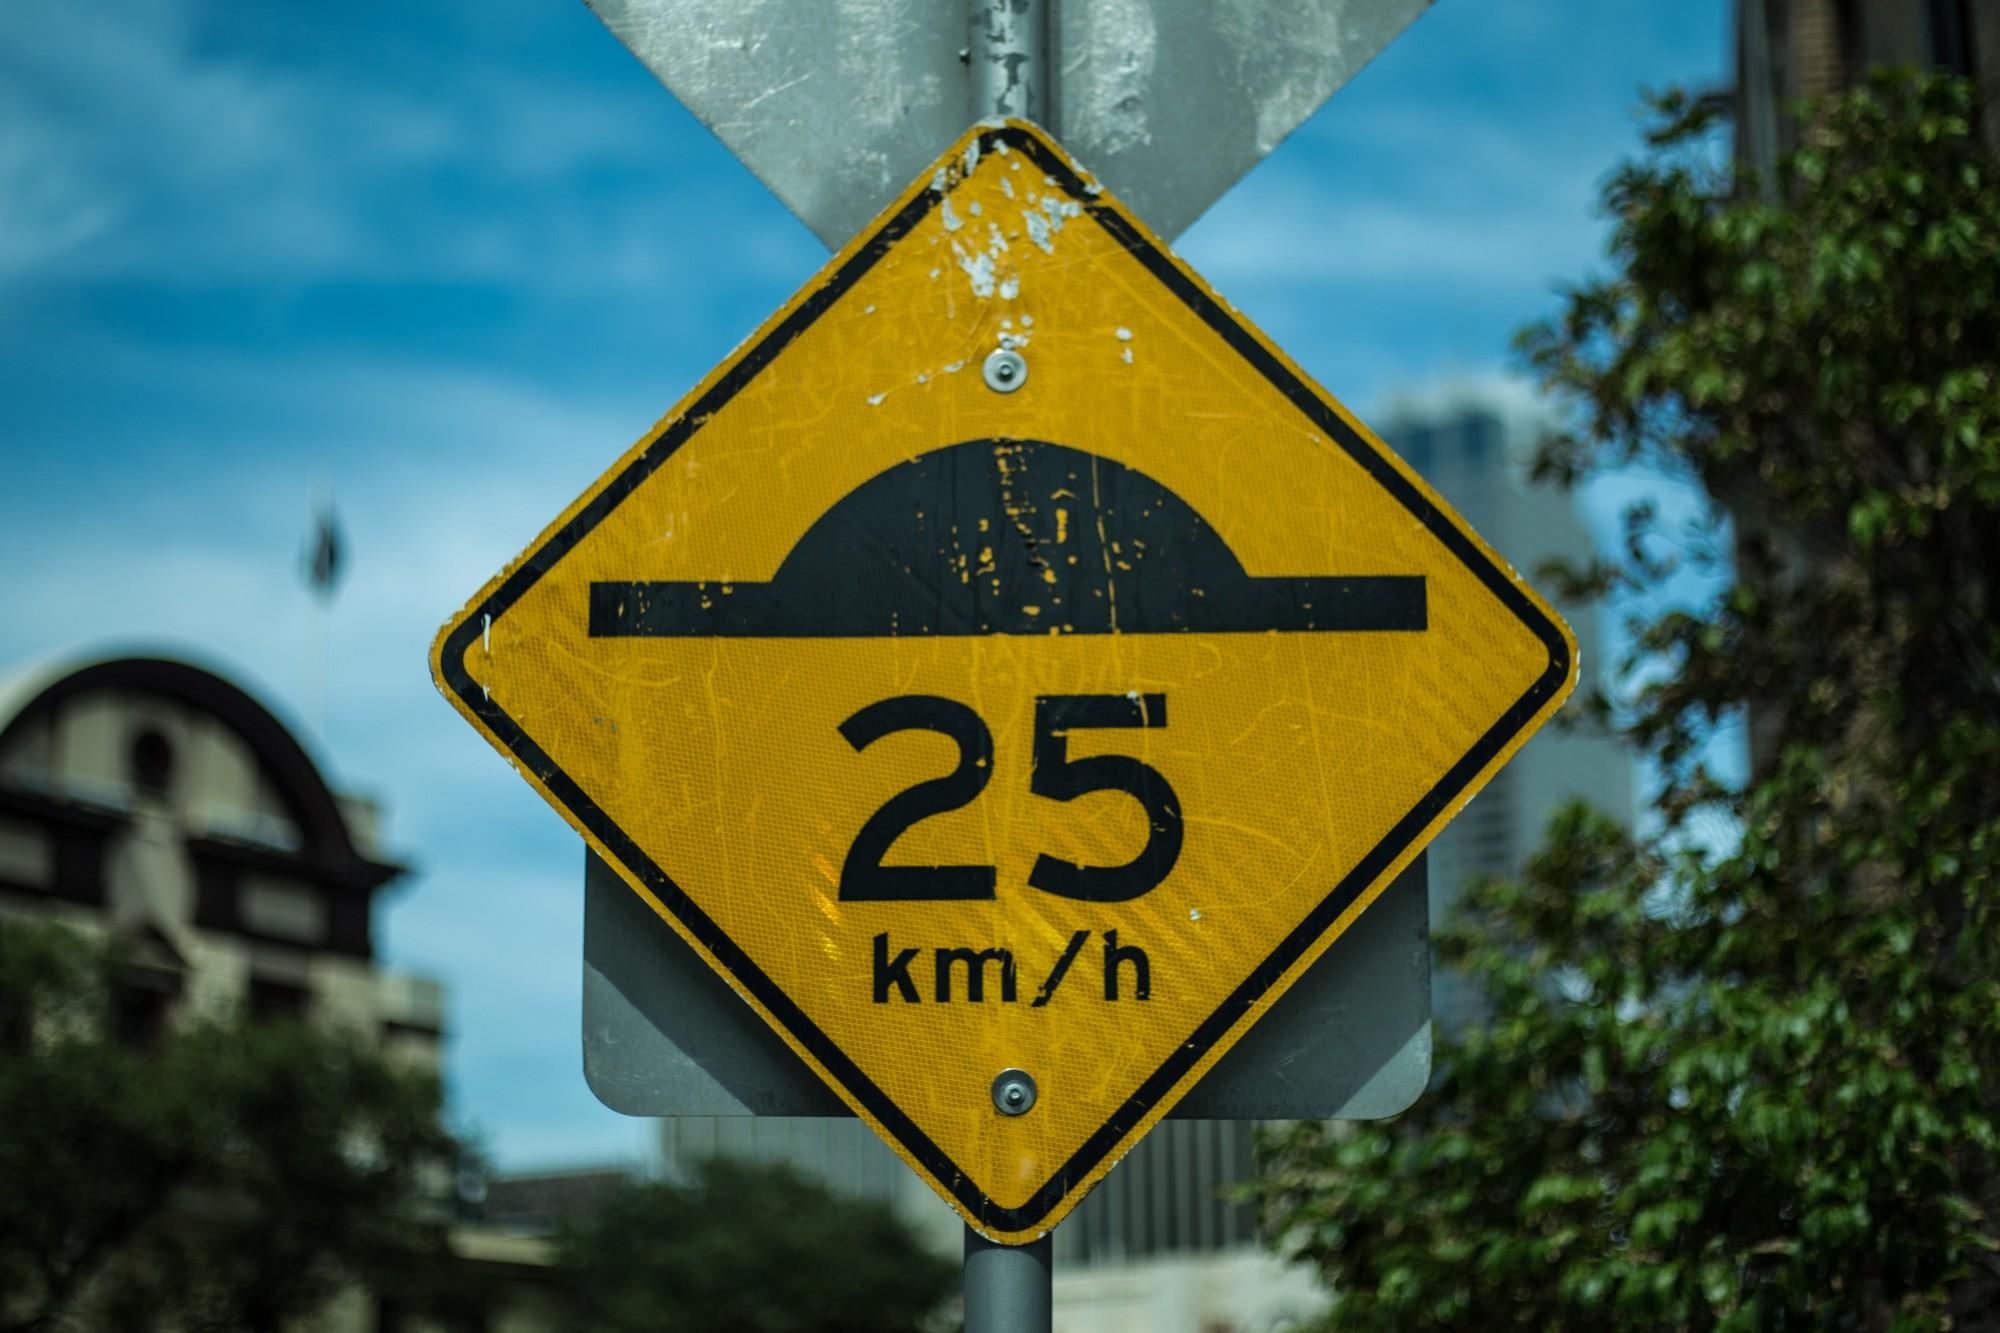 speedbump sign